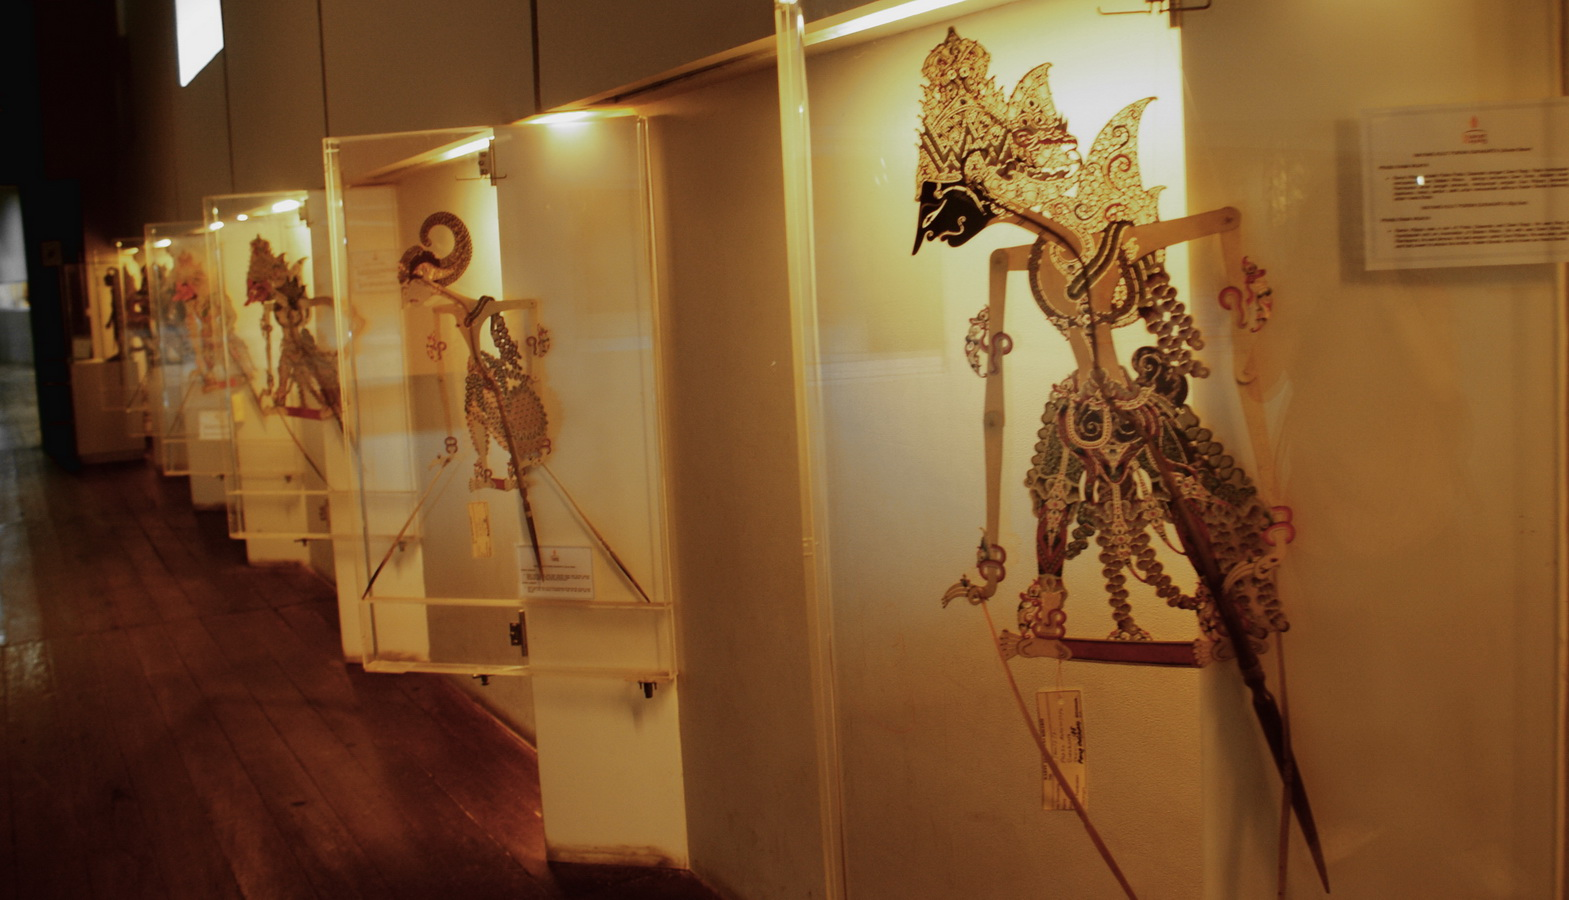 Saka Pariwisata Jakarta Barat Wisata Museum Wayang Musium Kota Administrasi